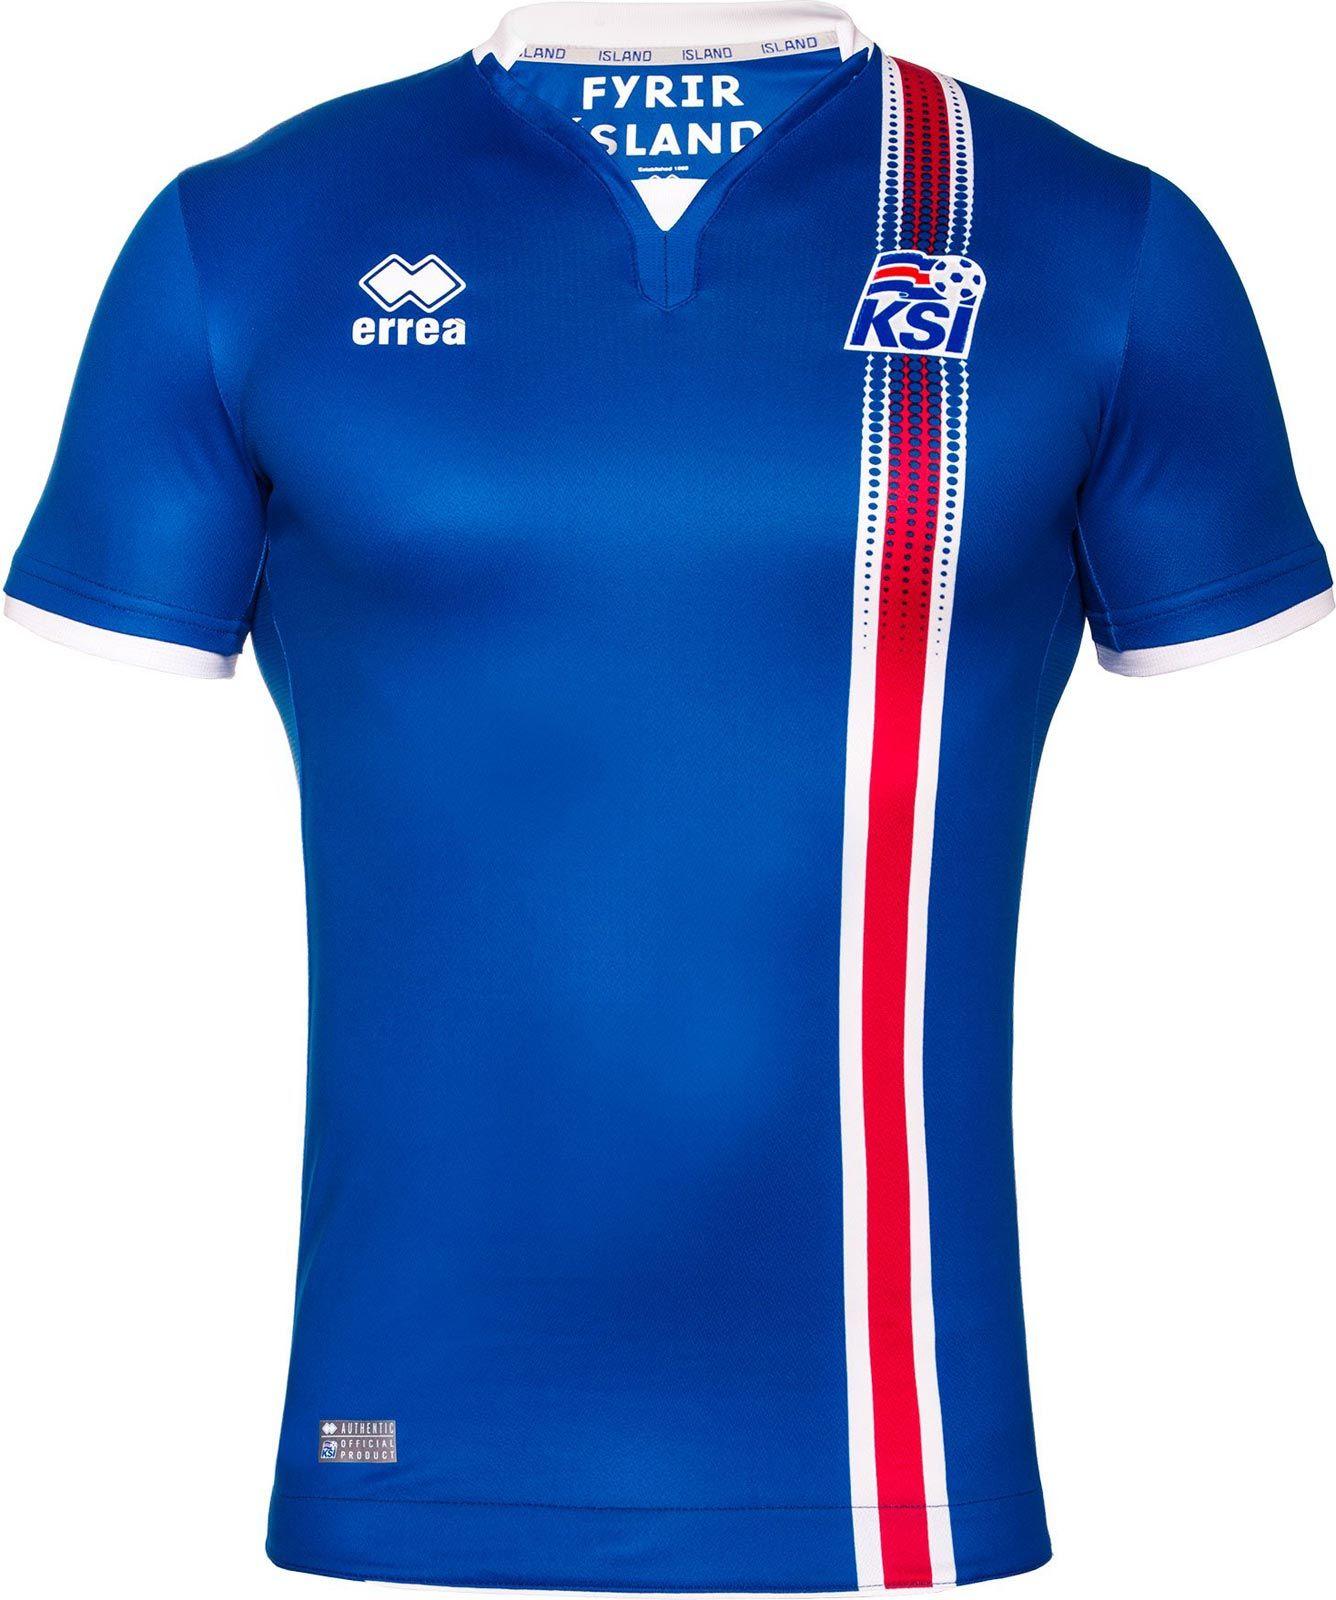 baf6d33ee Iceland Euro 2016 Kit